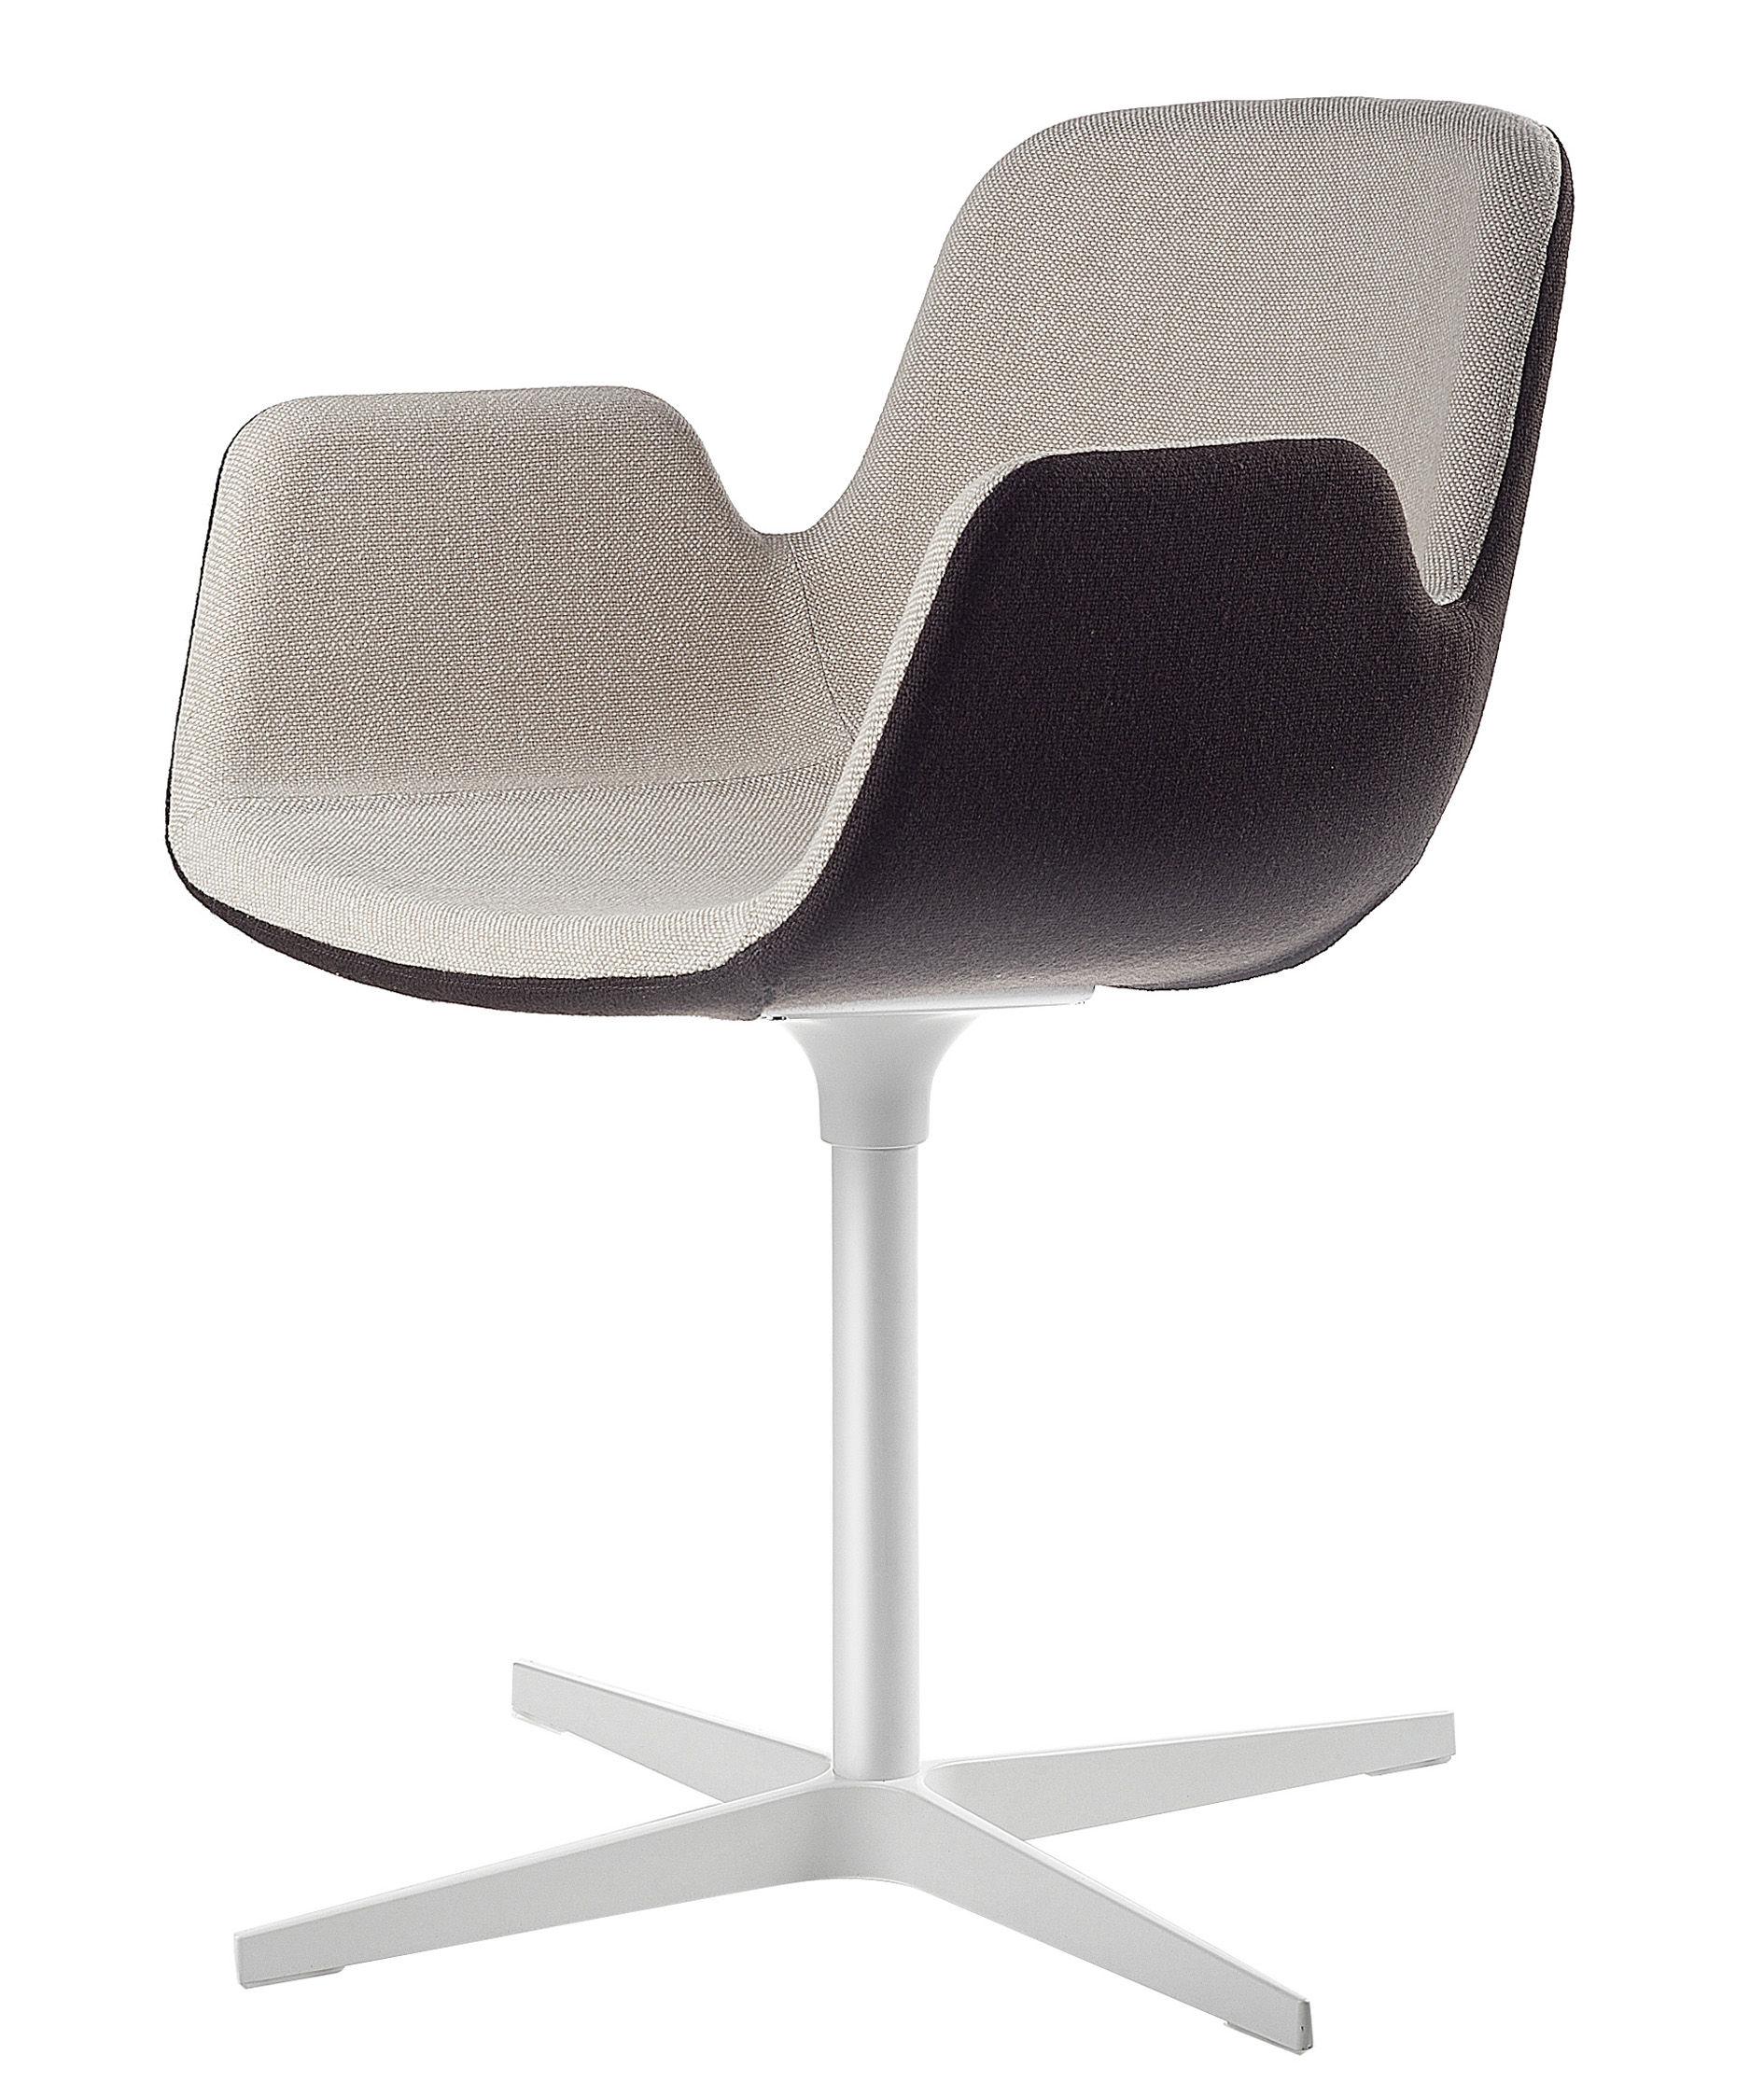 Möbel - Stühle  - Pass Drehsessel / gepolstert - Lapalma - Sitzfläche mit Stoffbezug: innen beige / außen braun - Gestell lackiert - Gewebe, lackiertes Aluminium